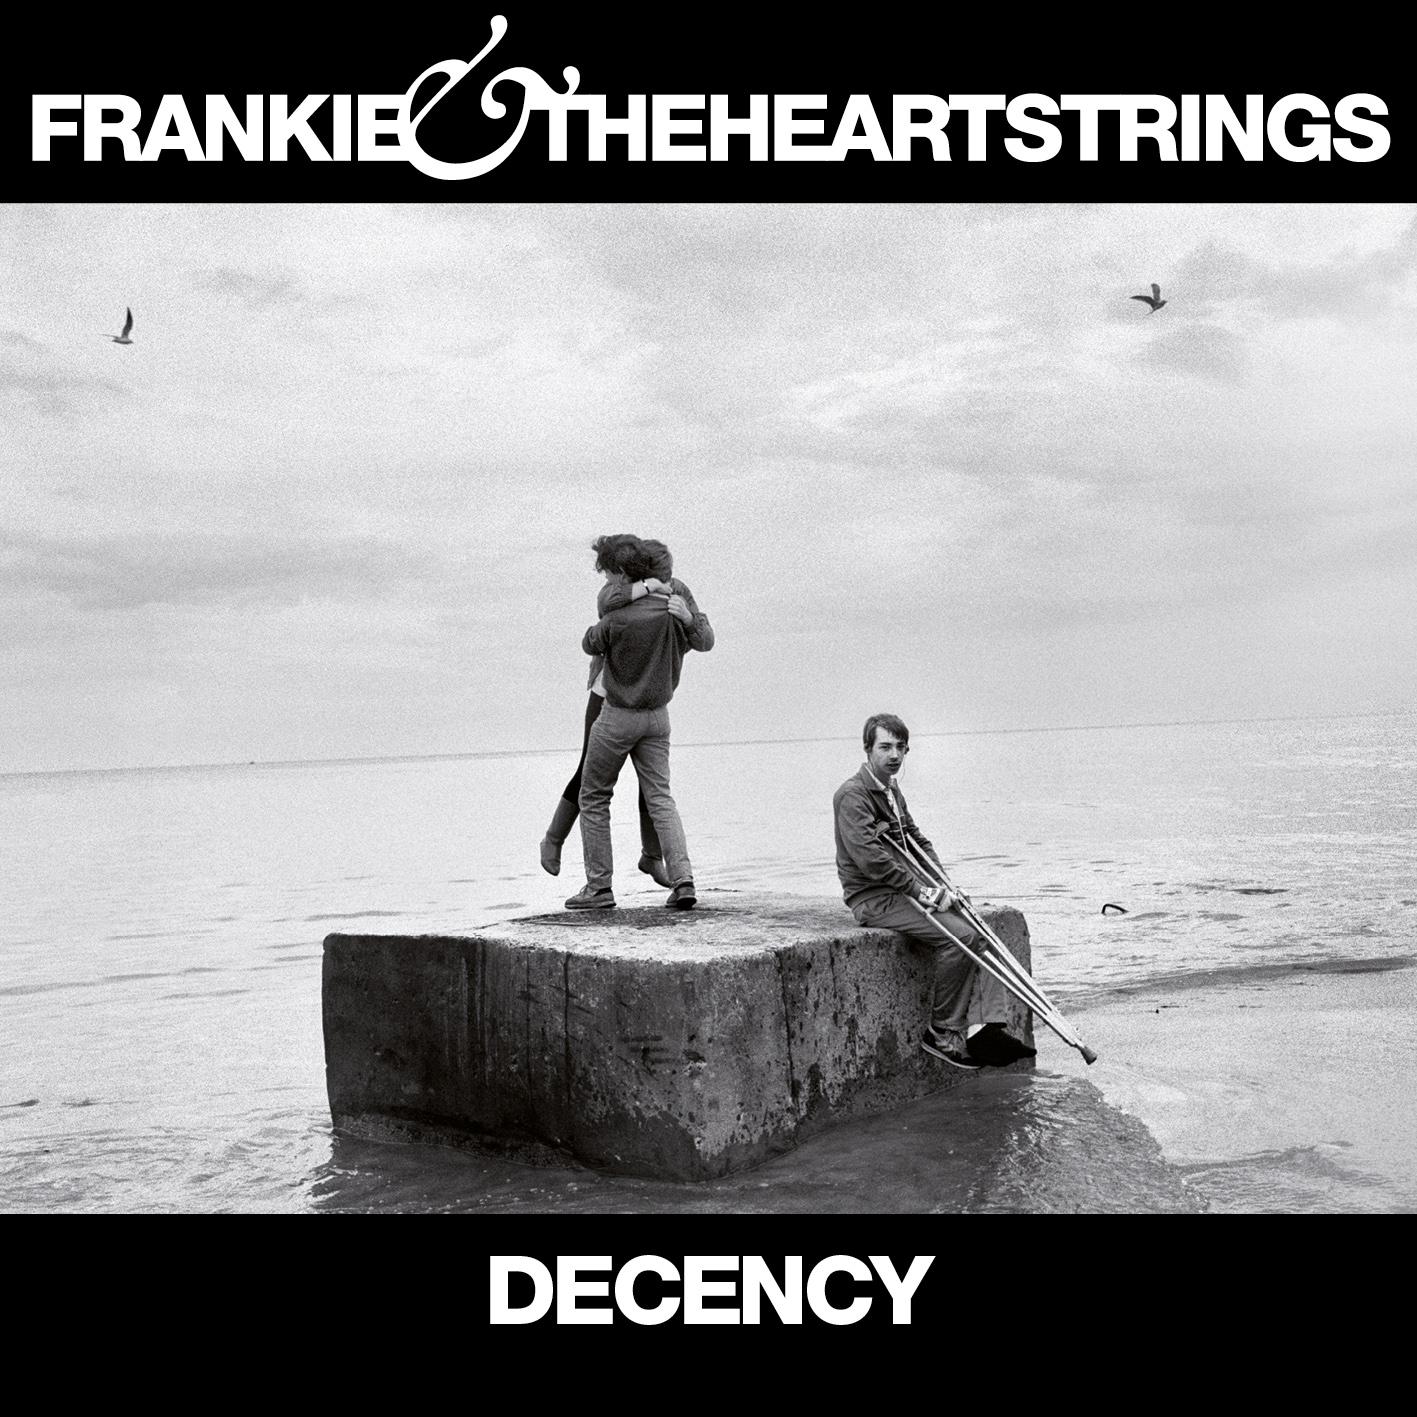 Frankie & The Heartstrings 3 X CD Bundle